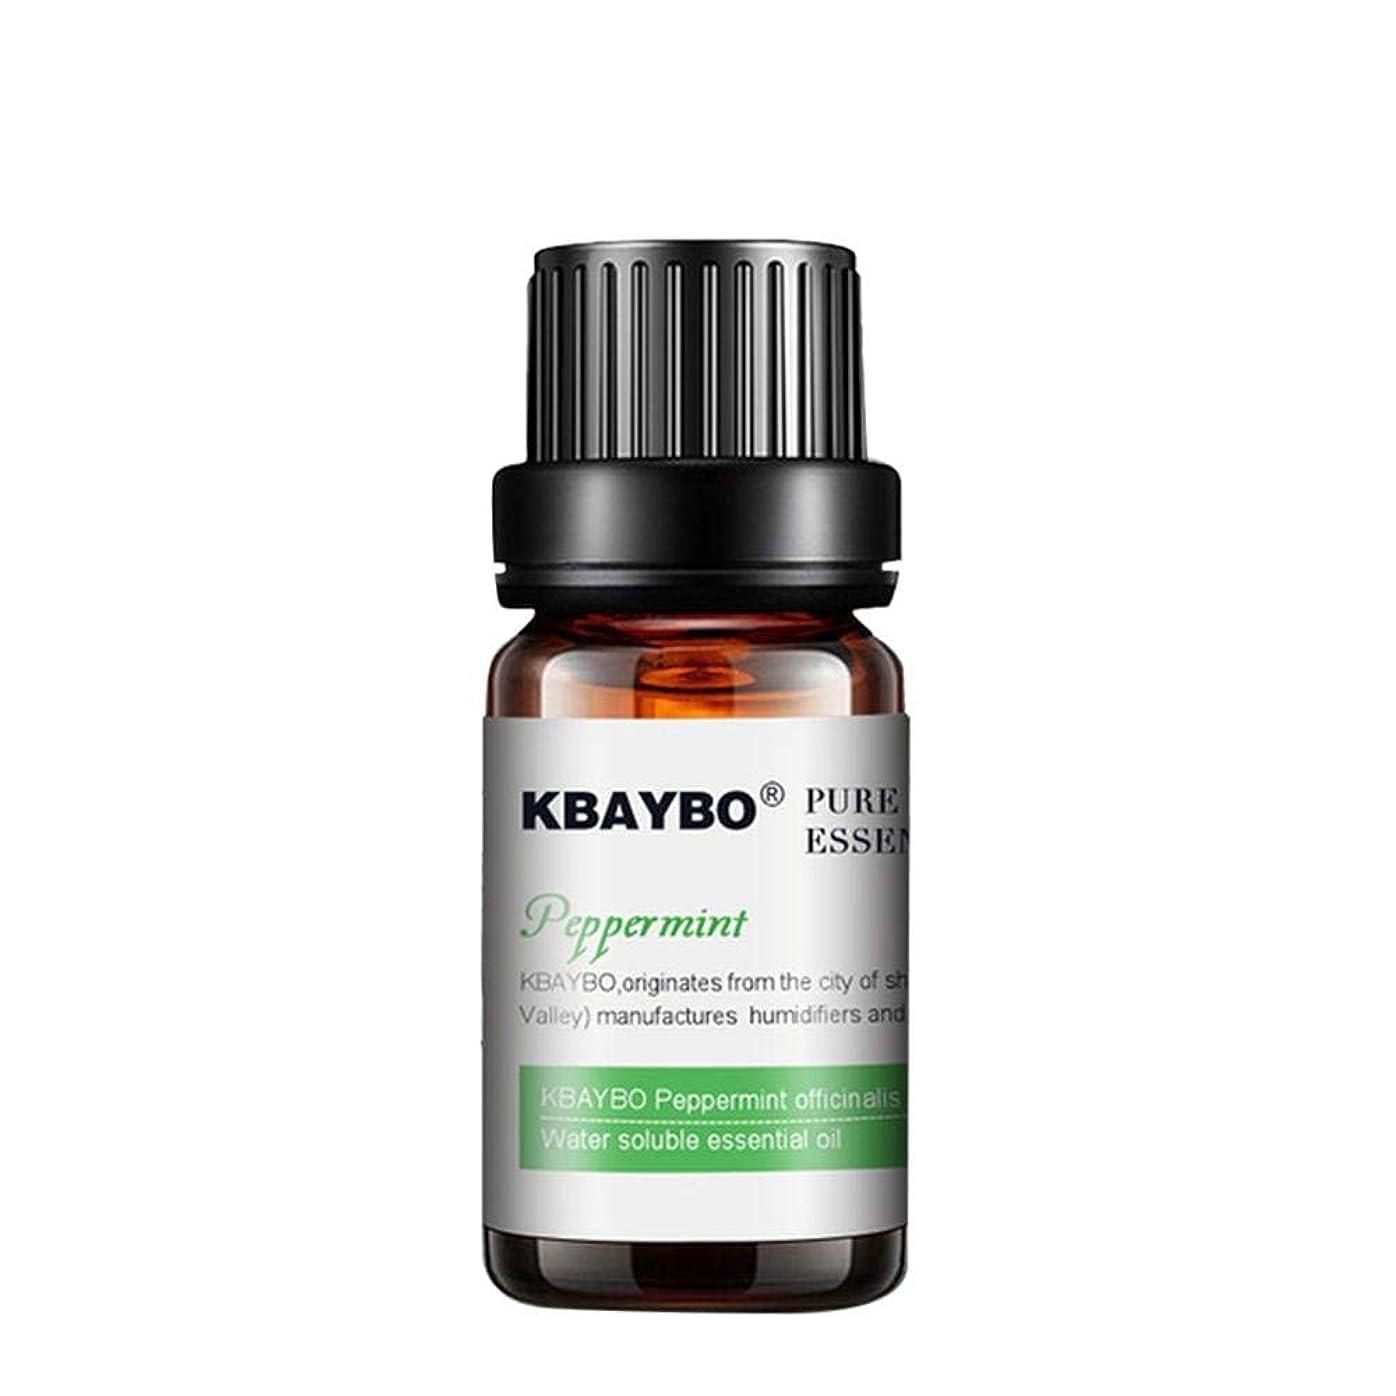 スライスうめきまろやかなアロマテラピー 10ml ミント ラベンダー エッセンシャルオイル ナチュラル アロマ 植物 フレグランスランプ 加湿器 水溶性 香り